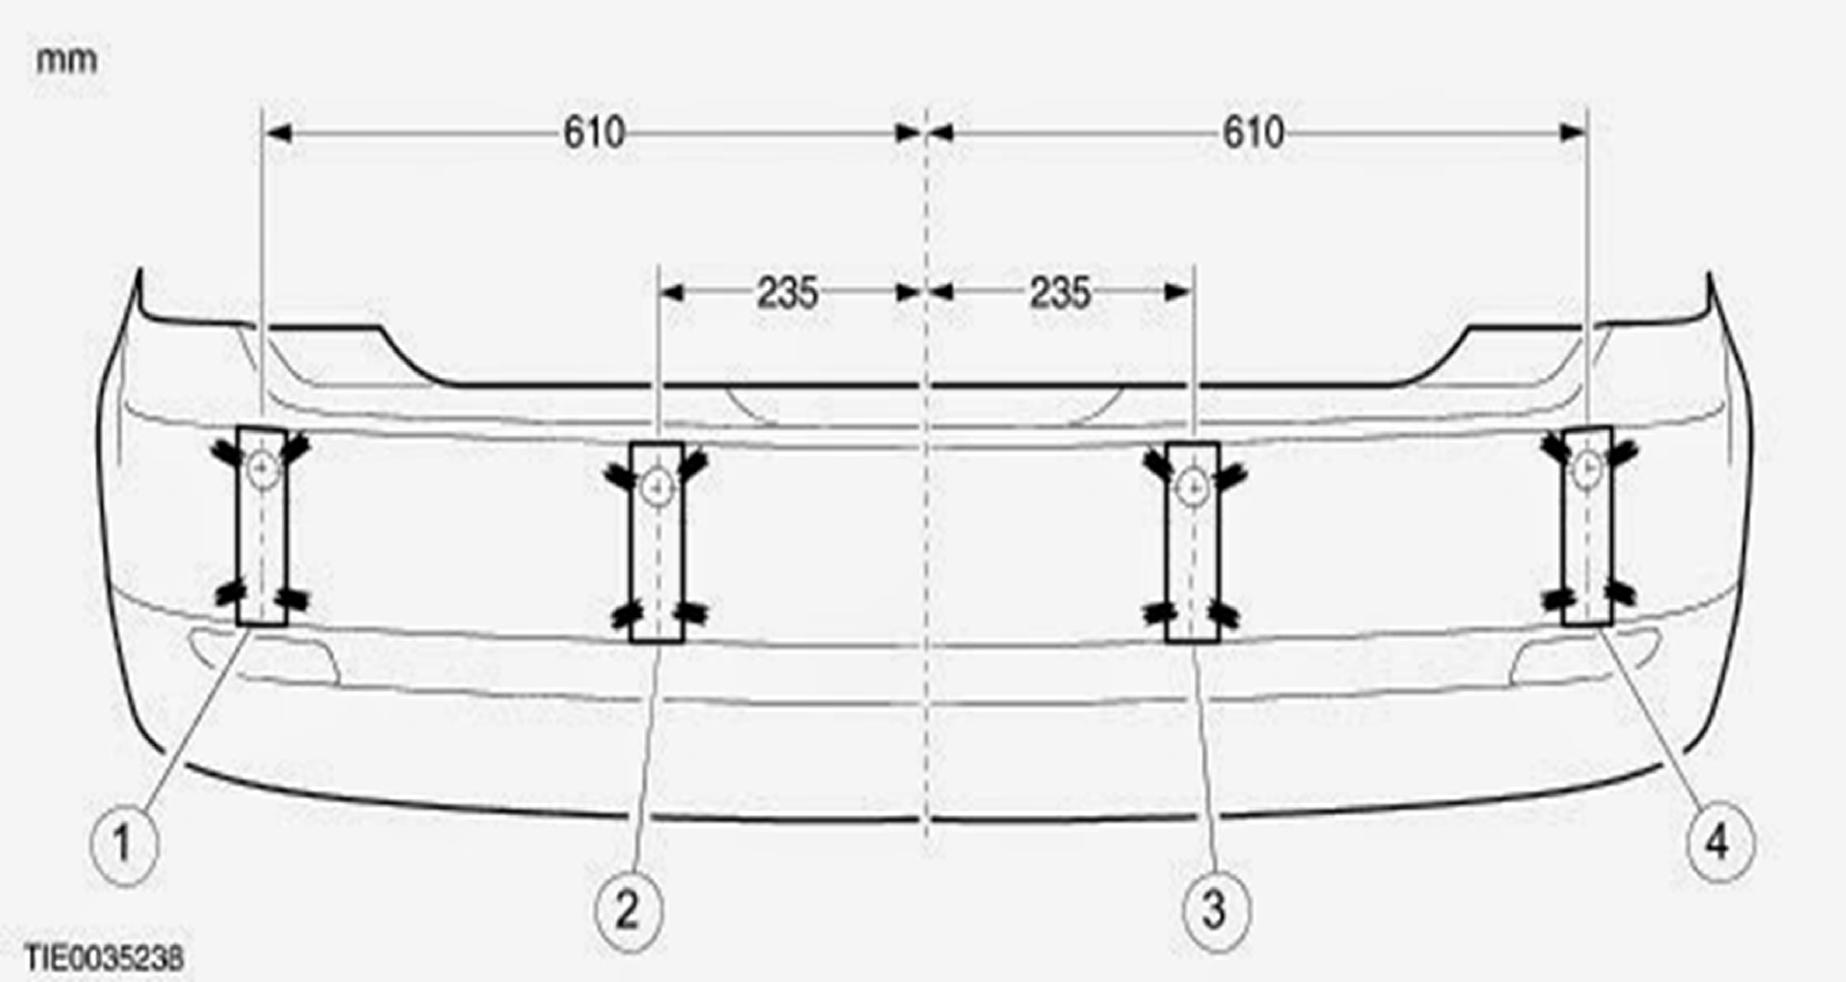 Park sensörü montaj ölçüsü nasıl alınır